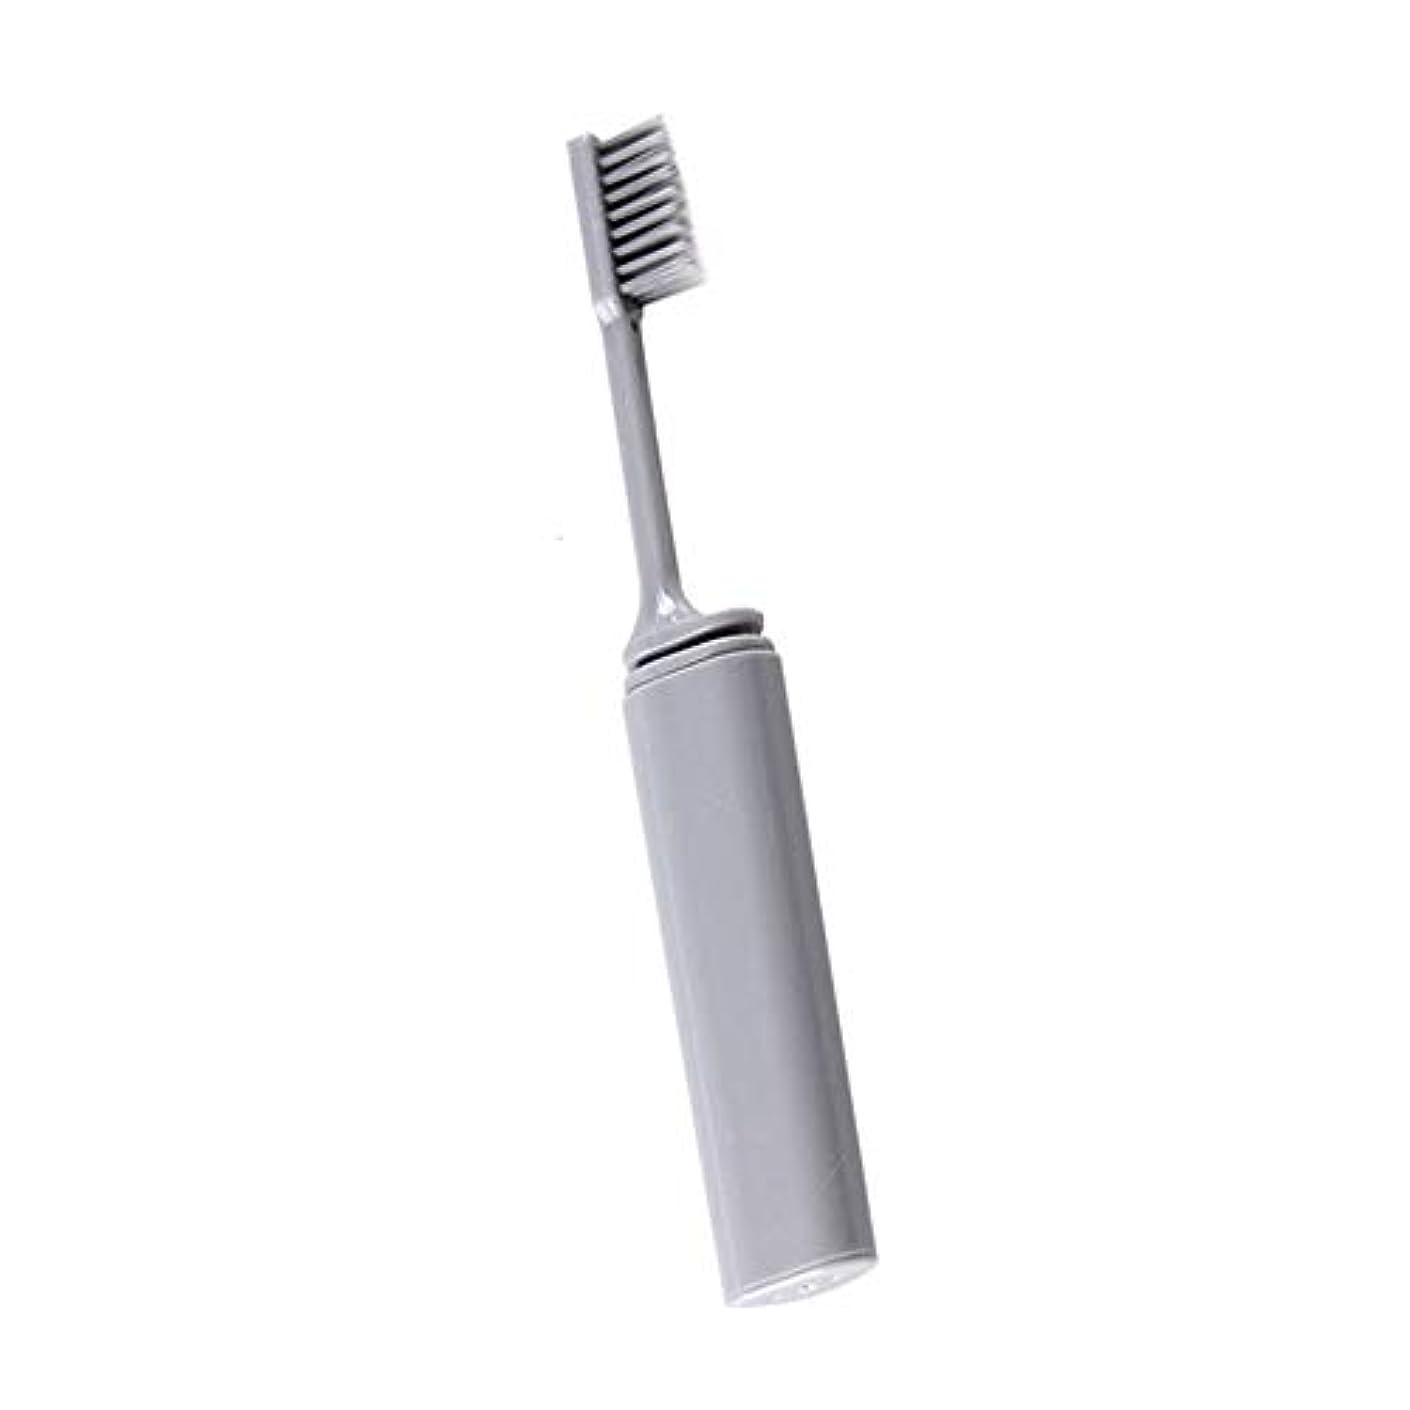 工場アブストラクトトロリーバスOnior 旅行歯ブラシ 折りたたみ歯ブラシ 携帯歯ブラシ 外出 旅行用品, ソフト コンパクト歯ブラシ 便利 折りたたみ 耐久性 携帯用 灰色